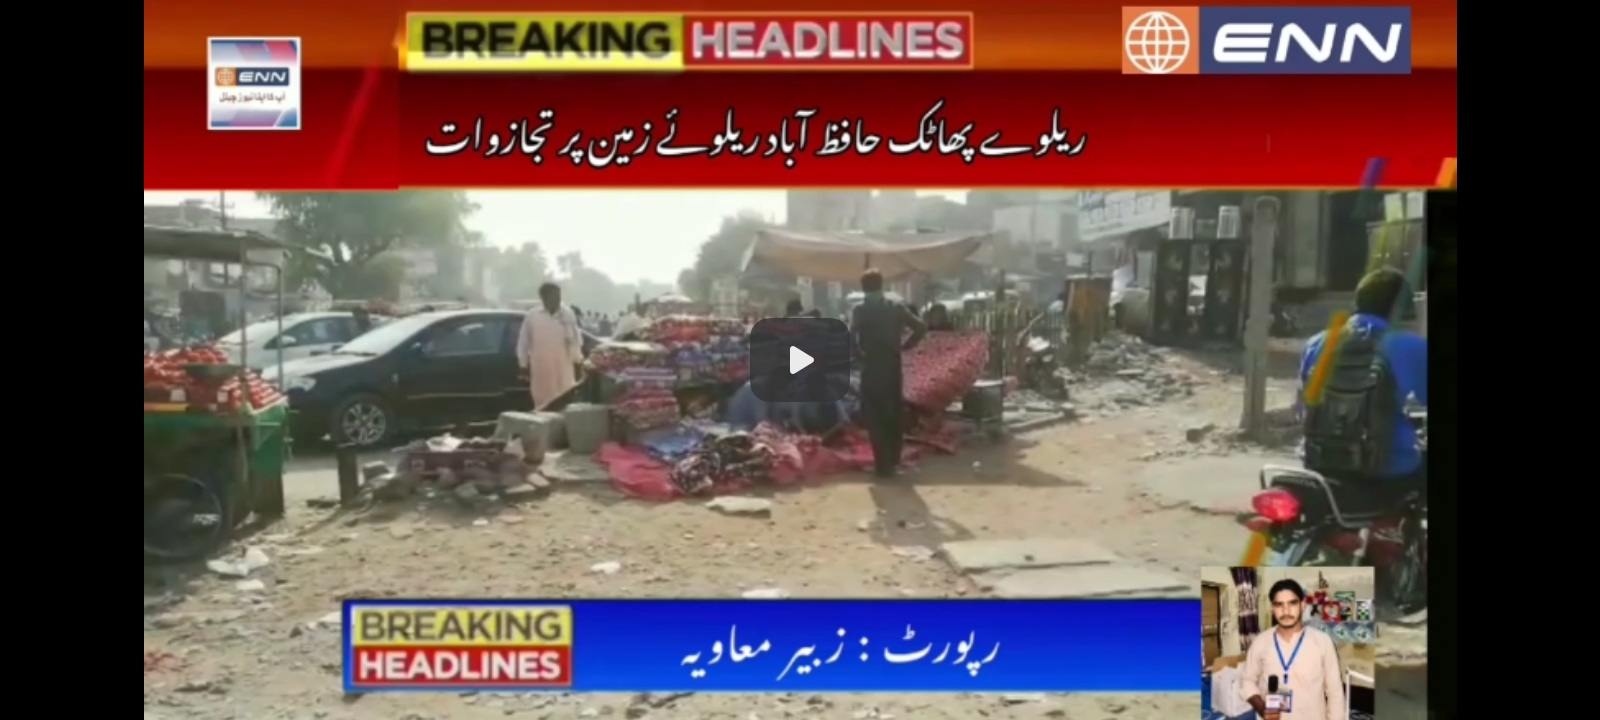 ریلوے پھاٹک حافظ آباد ریلوئے زمین پر تجازوات